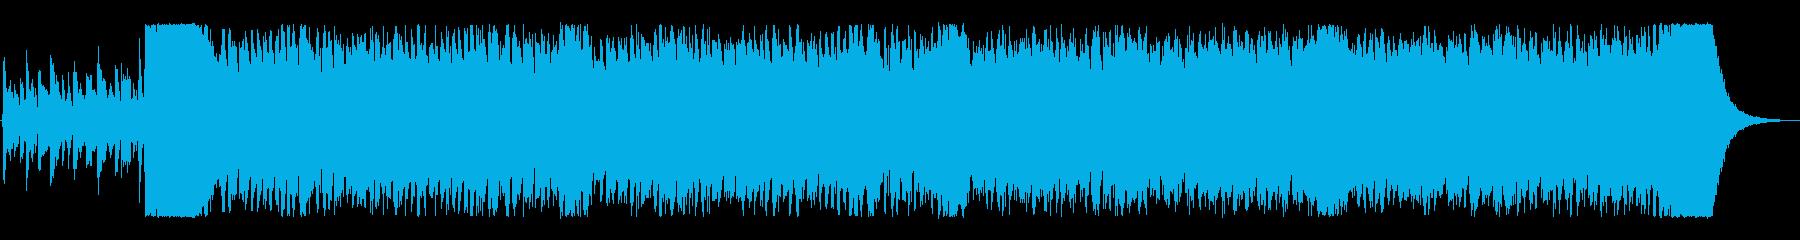 コミカル&不気味なオーケストラハロウィンの再生済みの波形